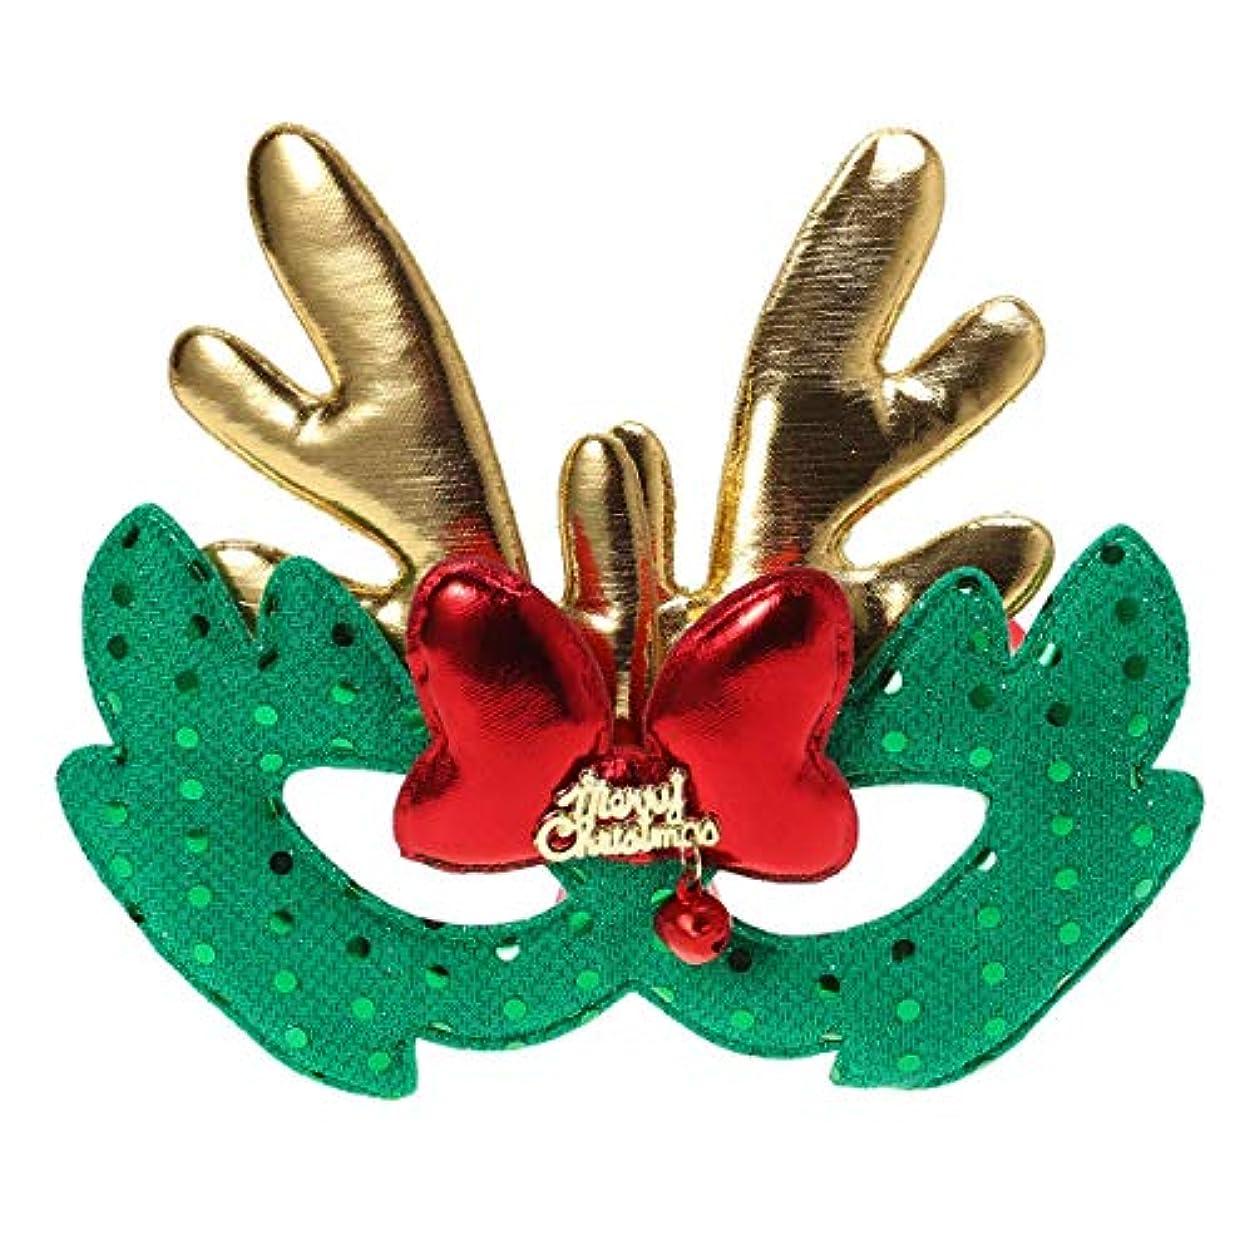 動揺させるどうしたのブルジョンBESTOYARD エルククリスマスコスチュームマスク布マスク子供大人コスプレクリスマスパーティーグリーン